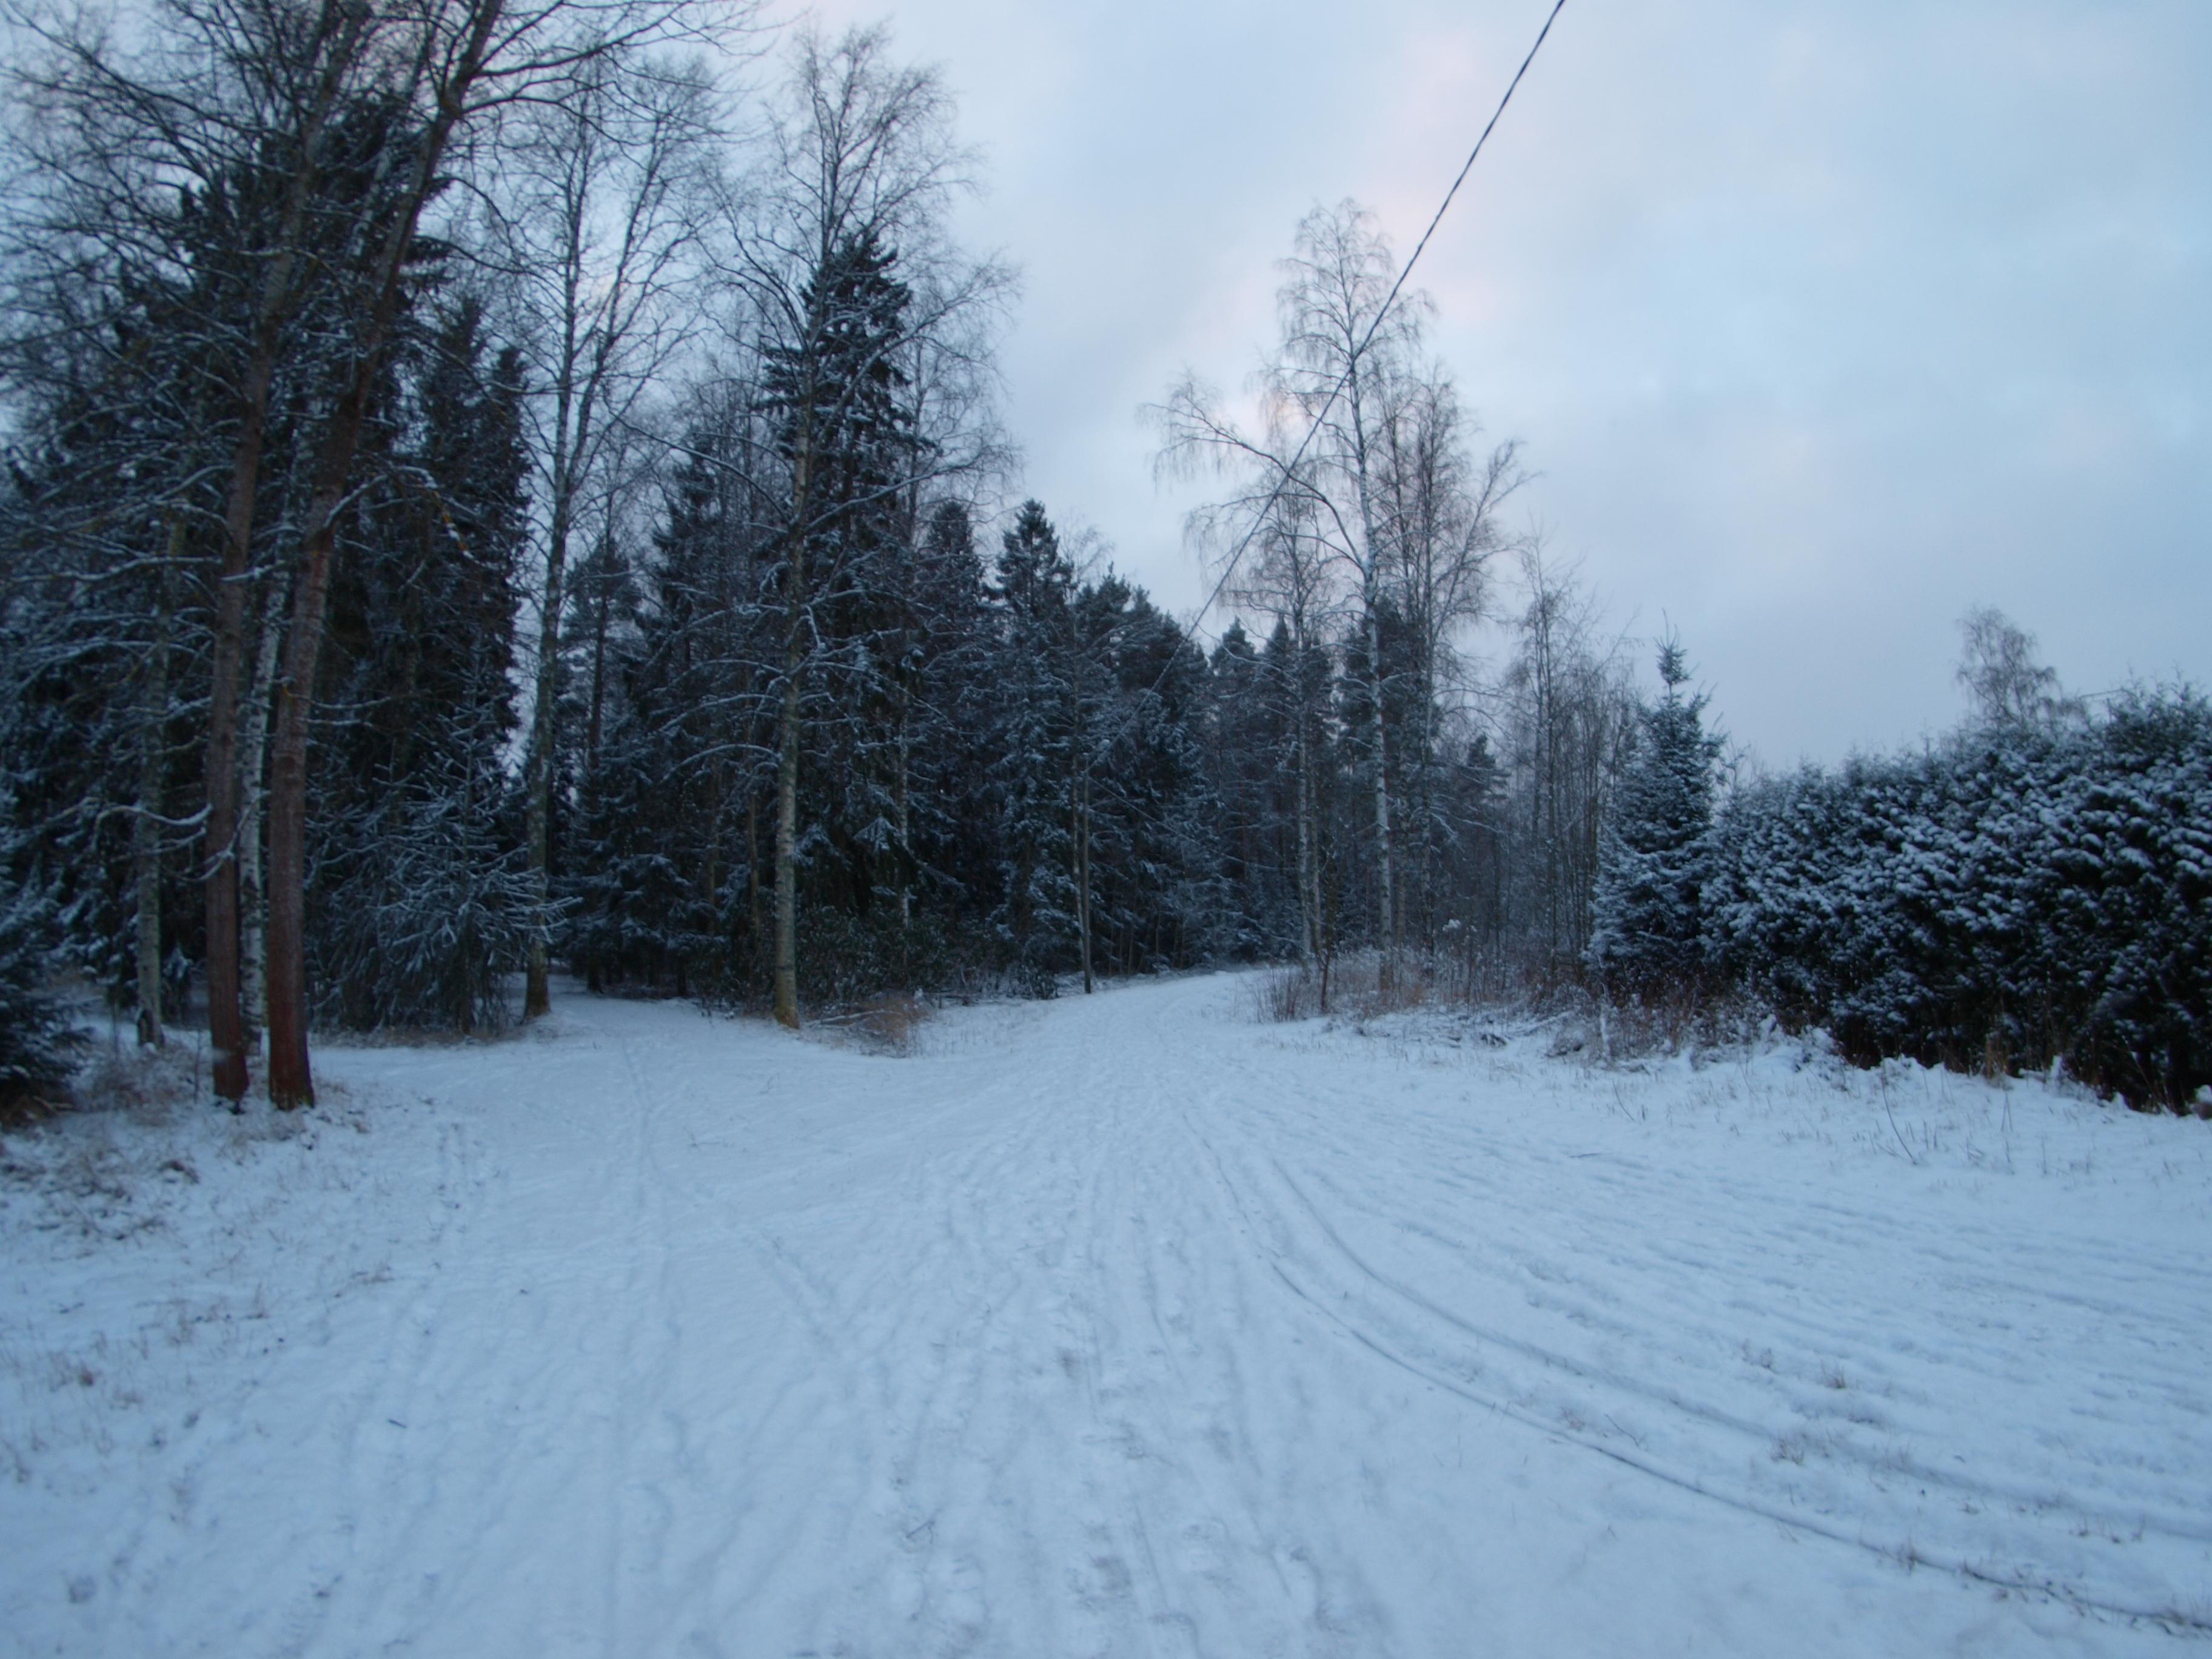 Snowy day photo